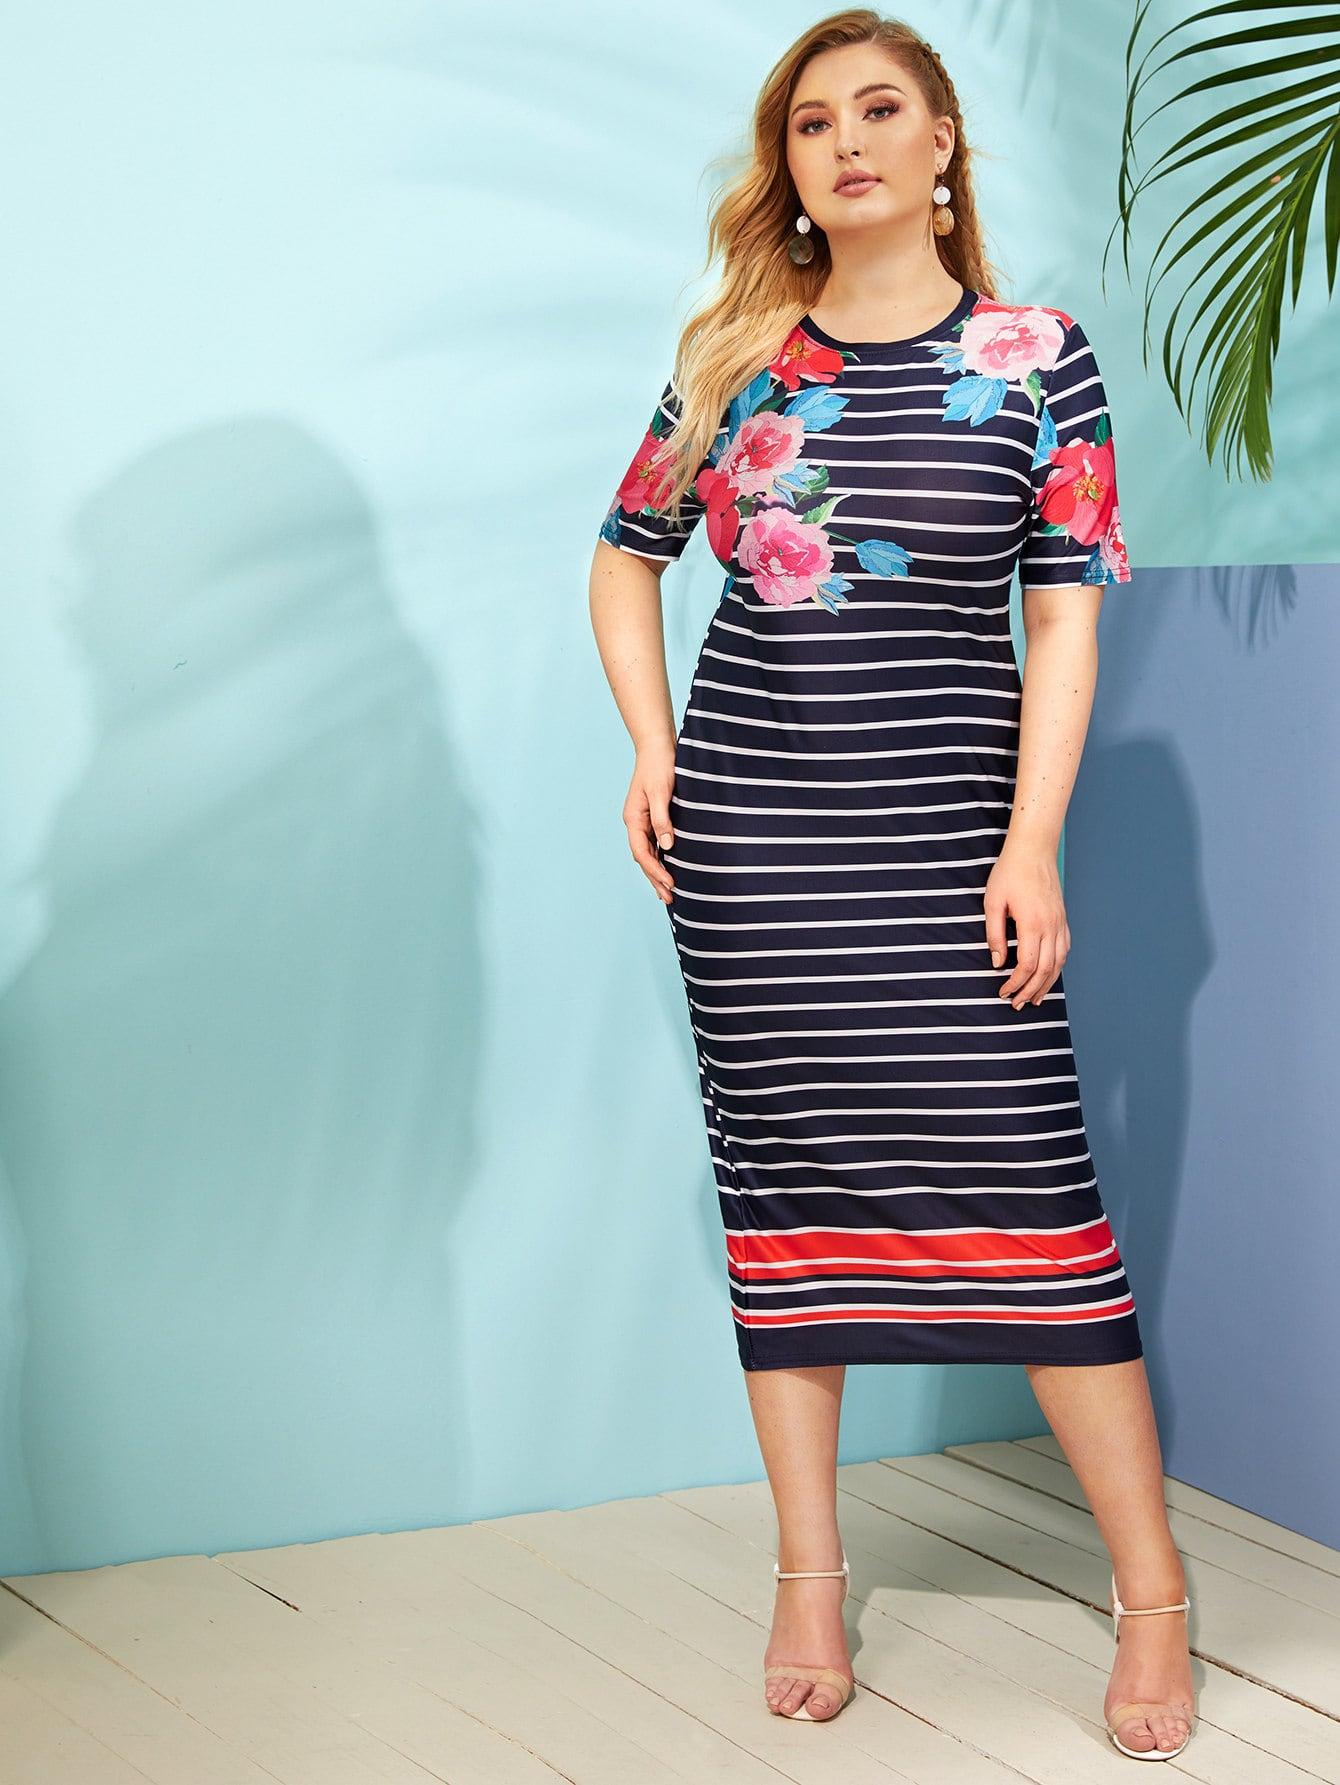 Полосатое платье с цветочным принтом размера плюс